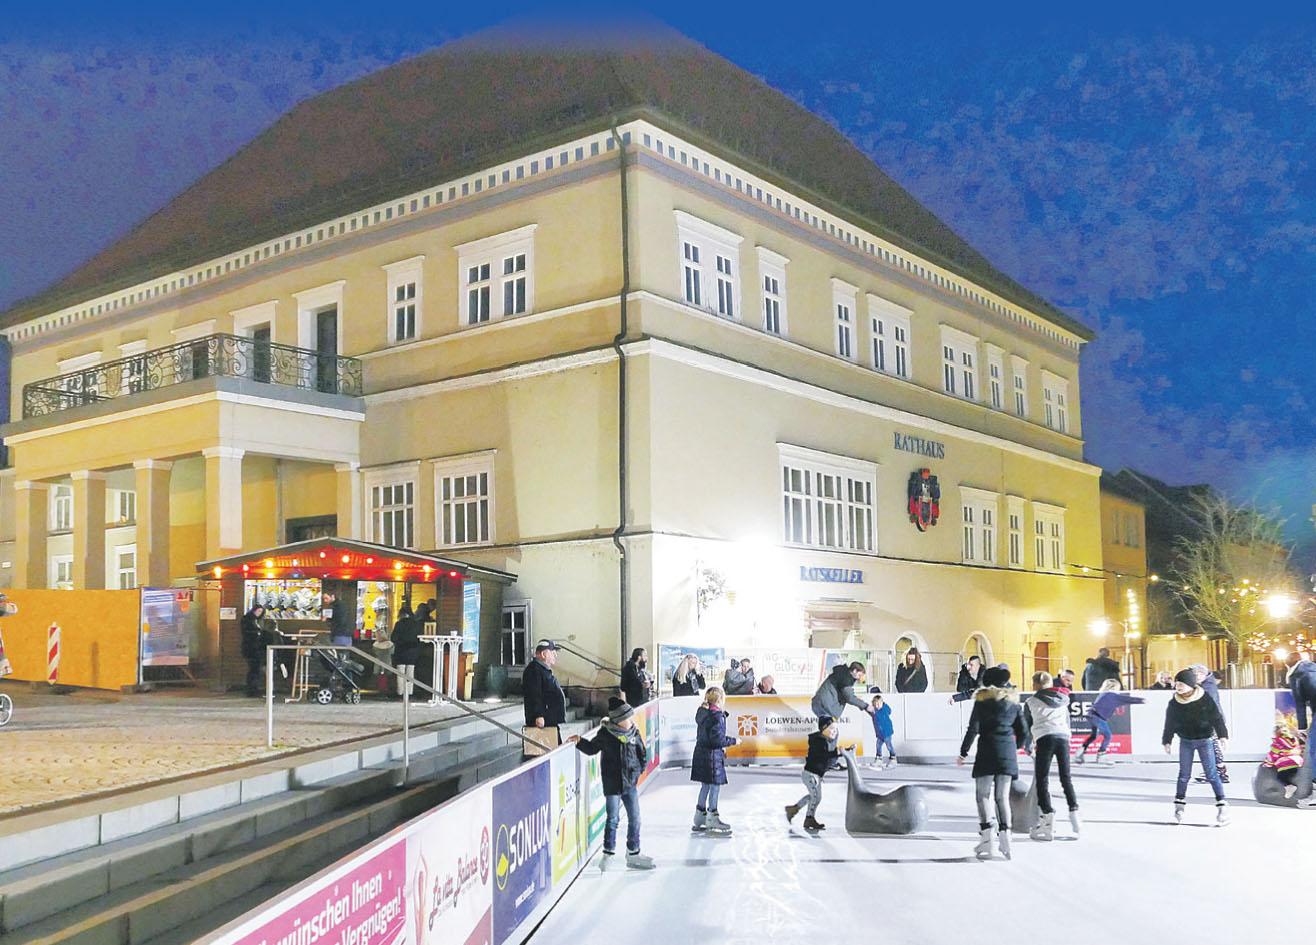 Historischer Adventszauber auf der Wartburg Image 2